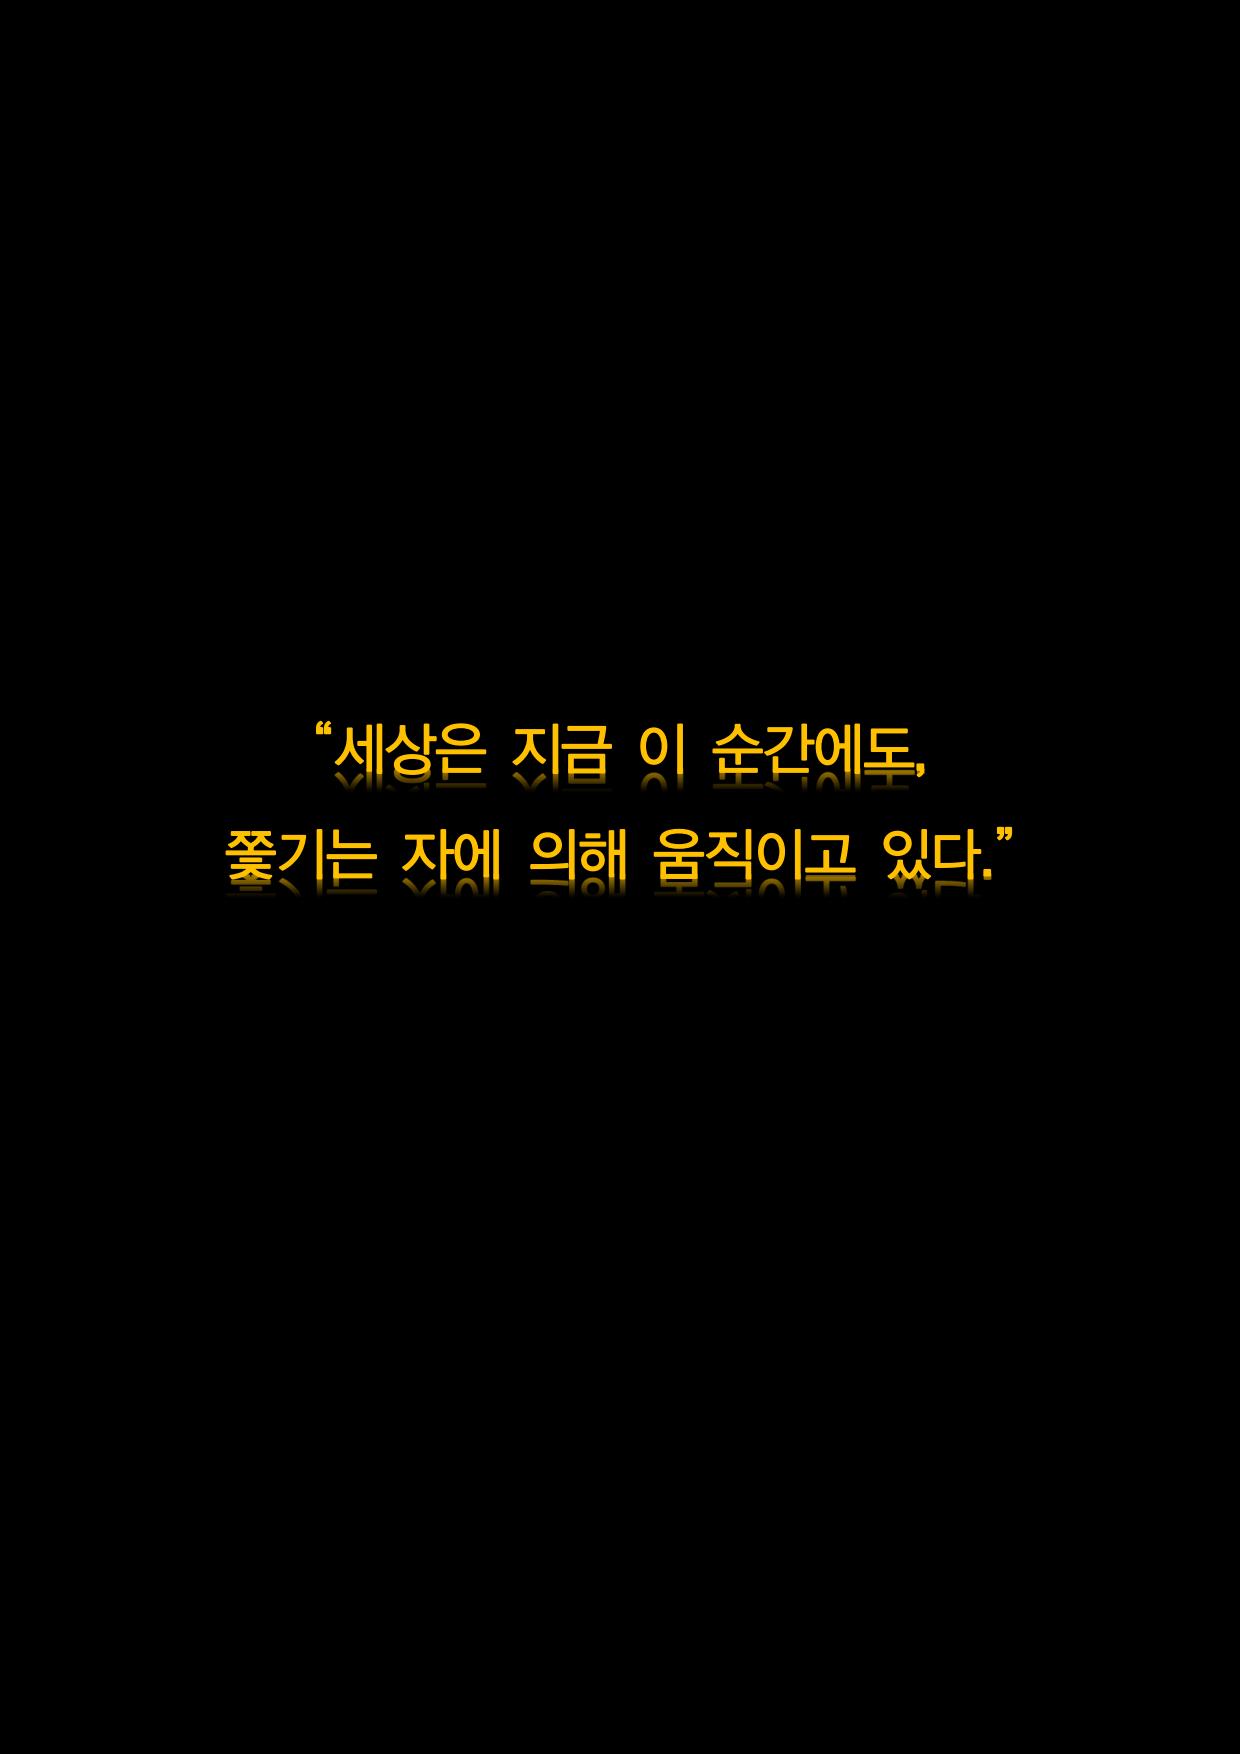 본 머티리어 1회차 홍보글(폰트 포함)_13.png